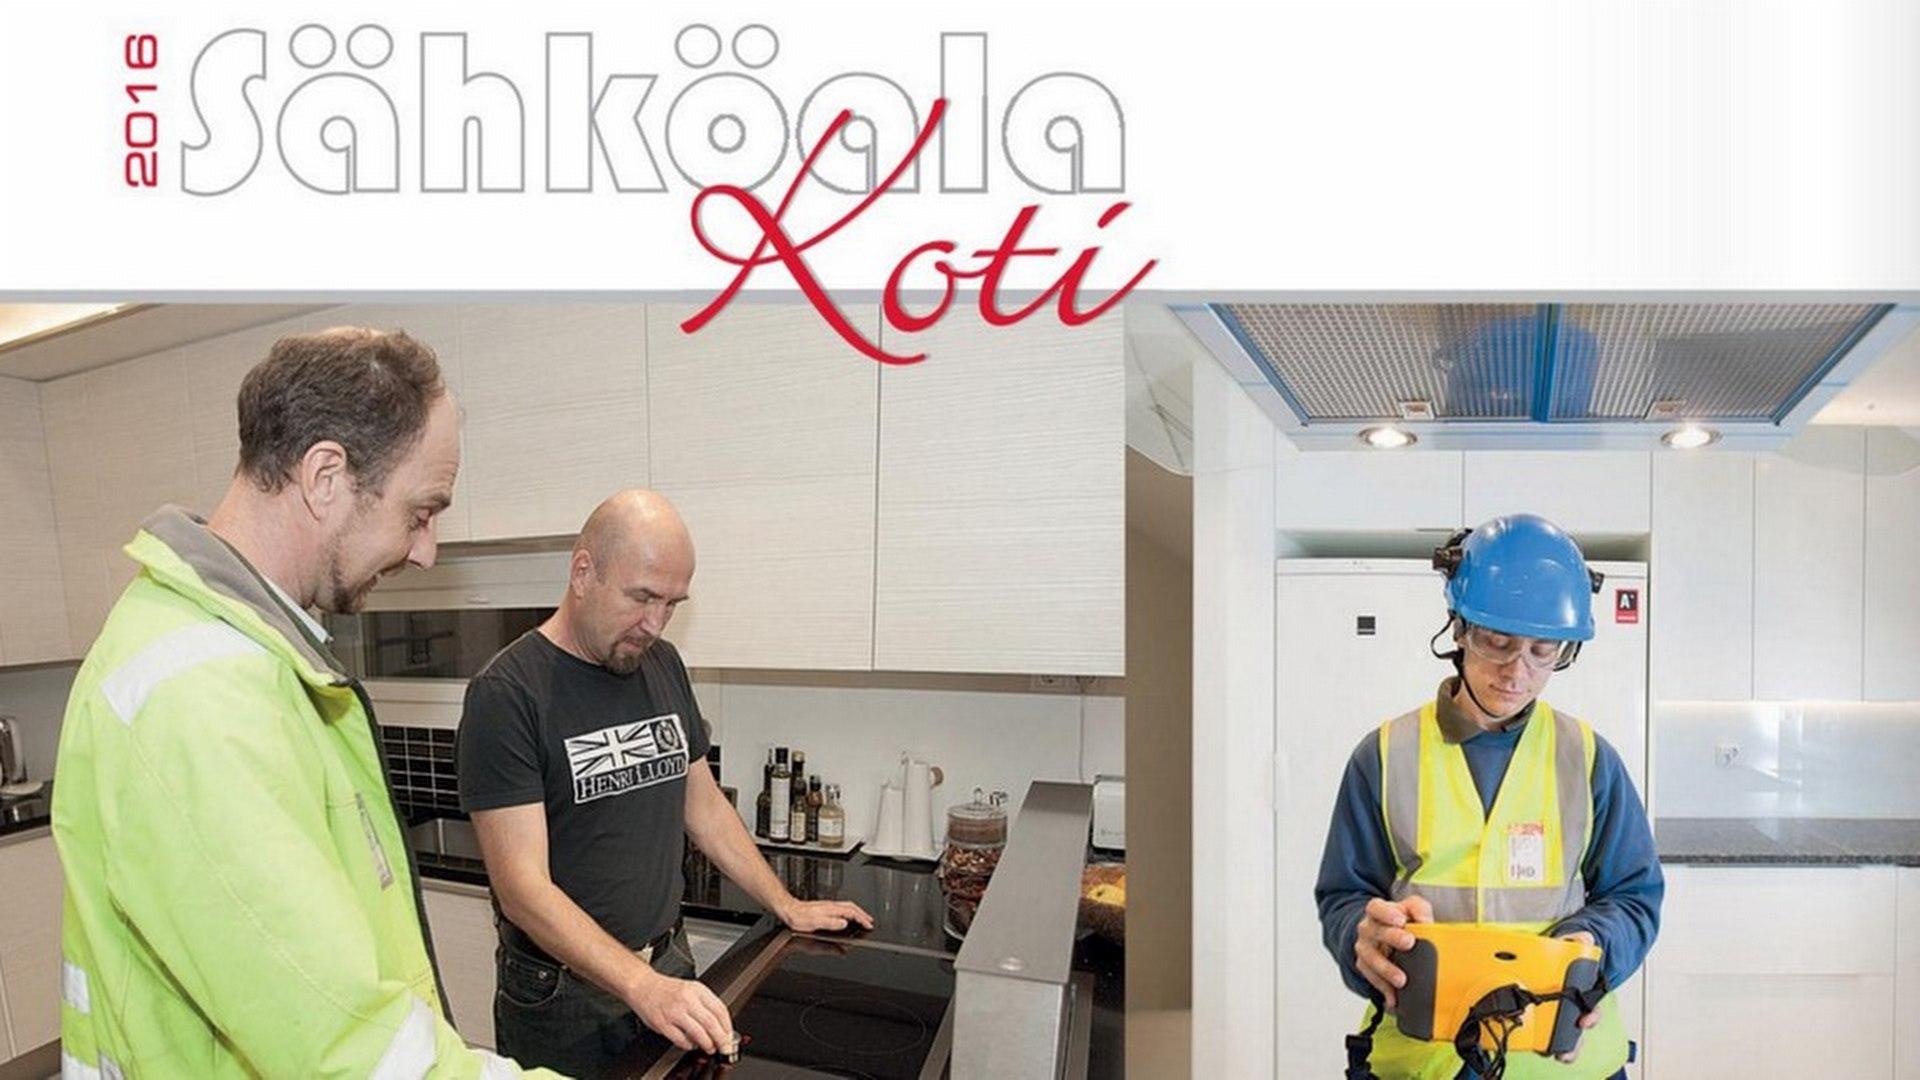 Sähköala Koti 2016 -lehti